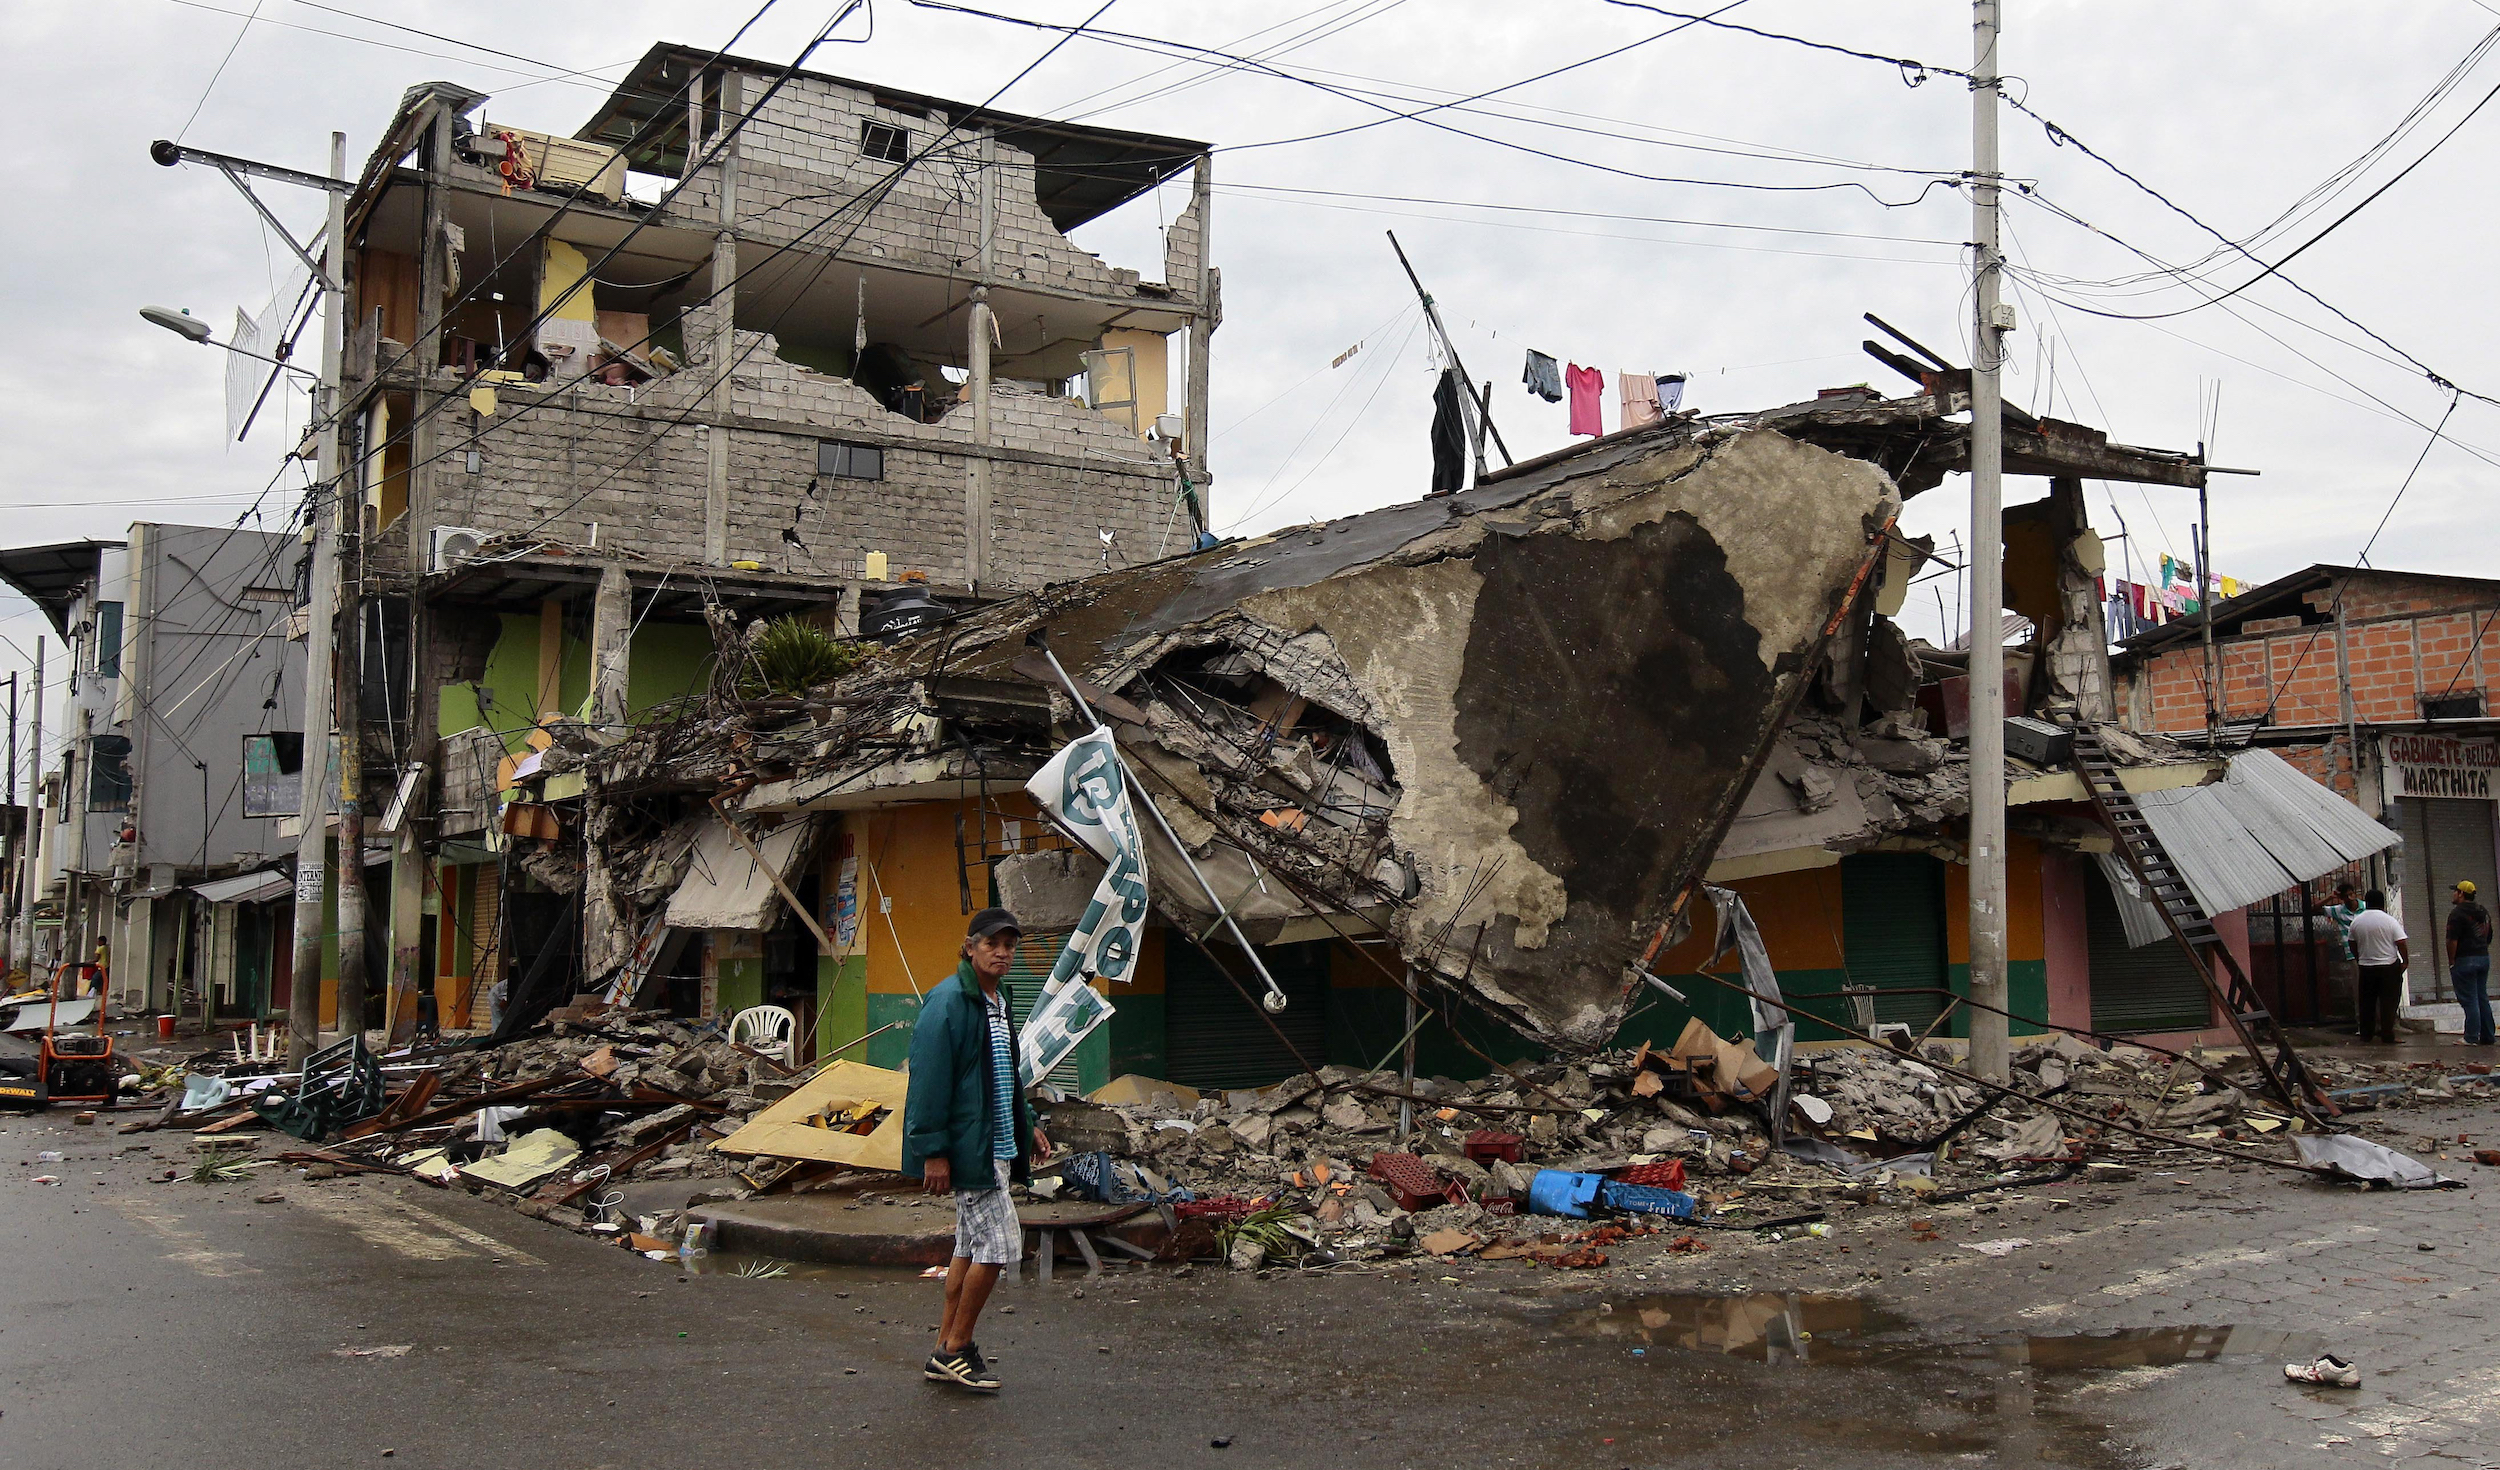 GRA229. PEDERNALES (ECUADOR) 17/04/2016.- Un habitante de Pedernales (Ecuador), afectado por el terremoto de 7,8 grados en la escala de Richter registrado el sábado en la costa norte de Ecuador, busca hoy 17 de abril de 2016, entre las casas destruidas y los escombros. Esta ciudad turística, un popular balneario de la costa ecuatoriana, es hoy el epicentro de una tragedia por la que al menos 77 personas murieron y 588 resultaron heridas. EFE/José Jácome